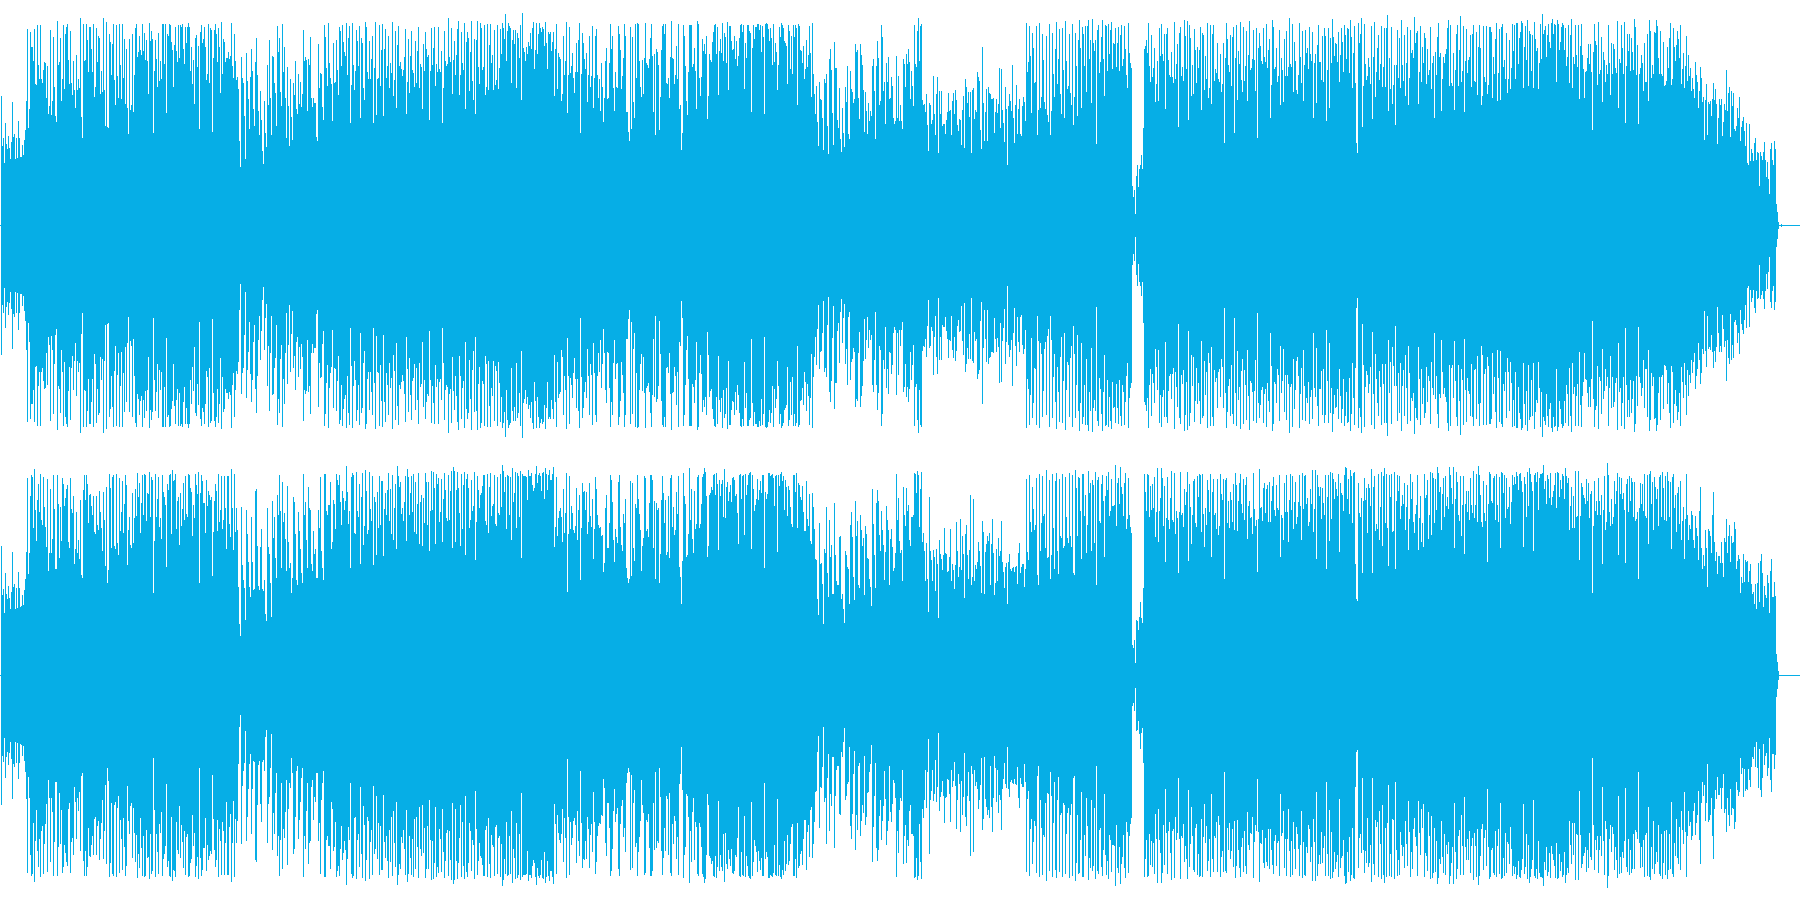 西部劇風味さすらいテクノサウンドの再生済みの波形